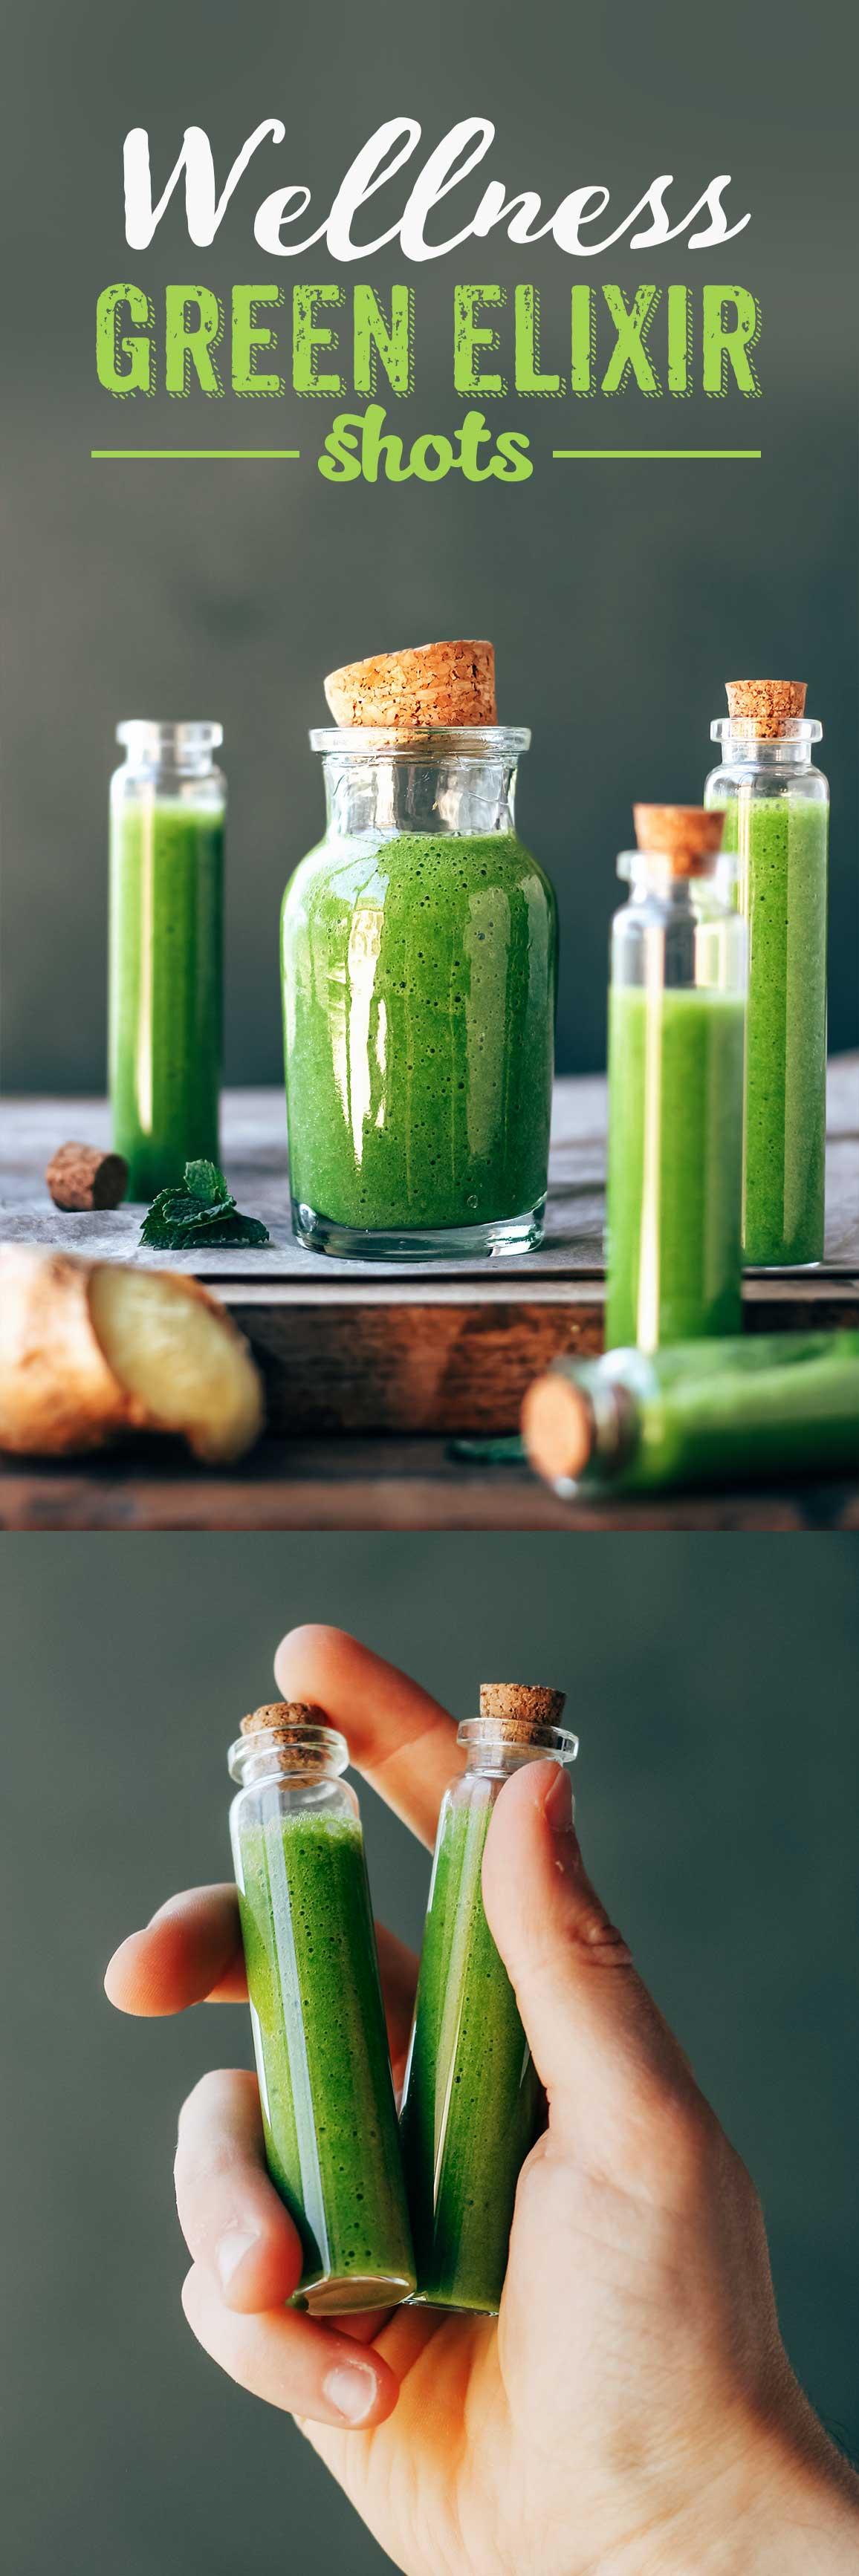 Wellness Green Elixir Shots